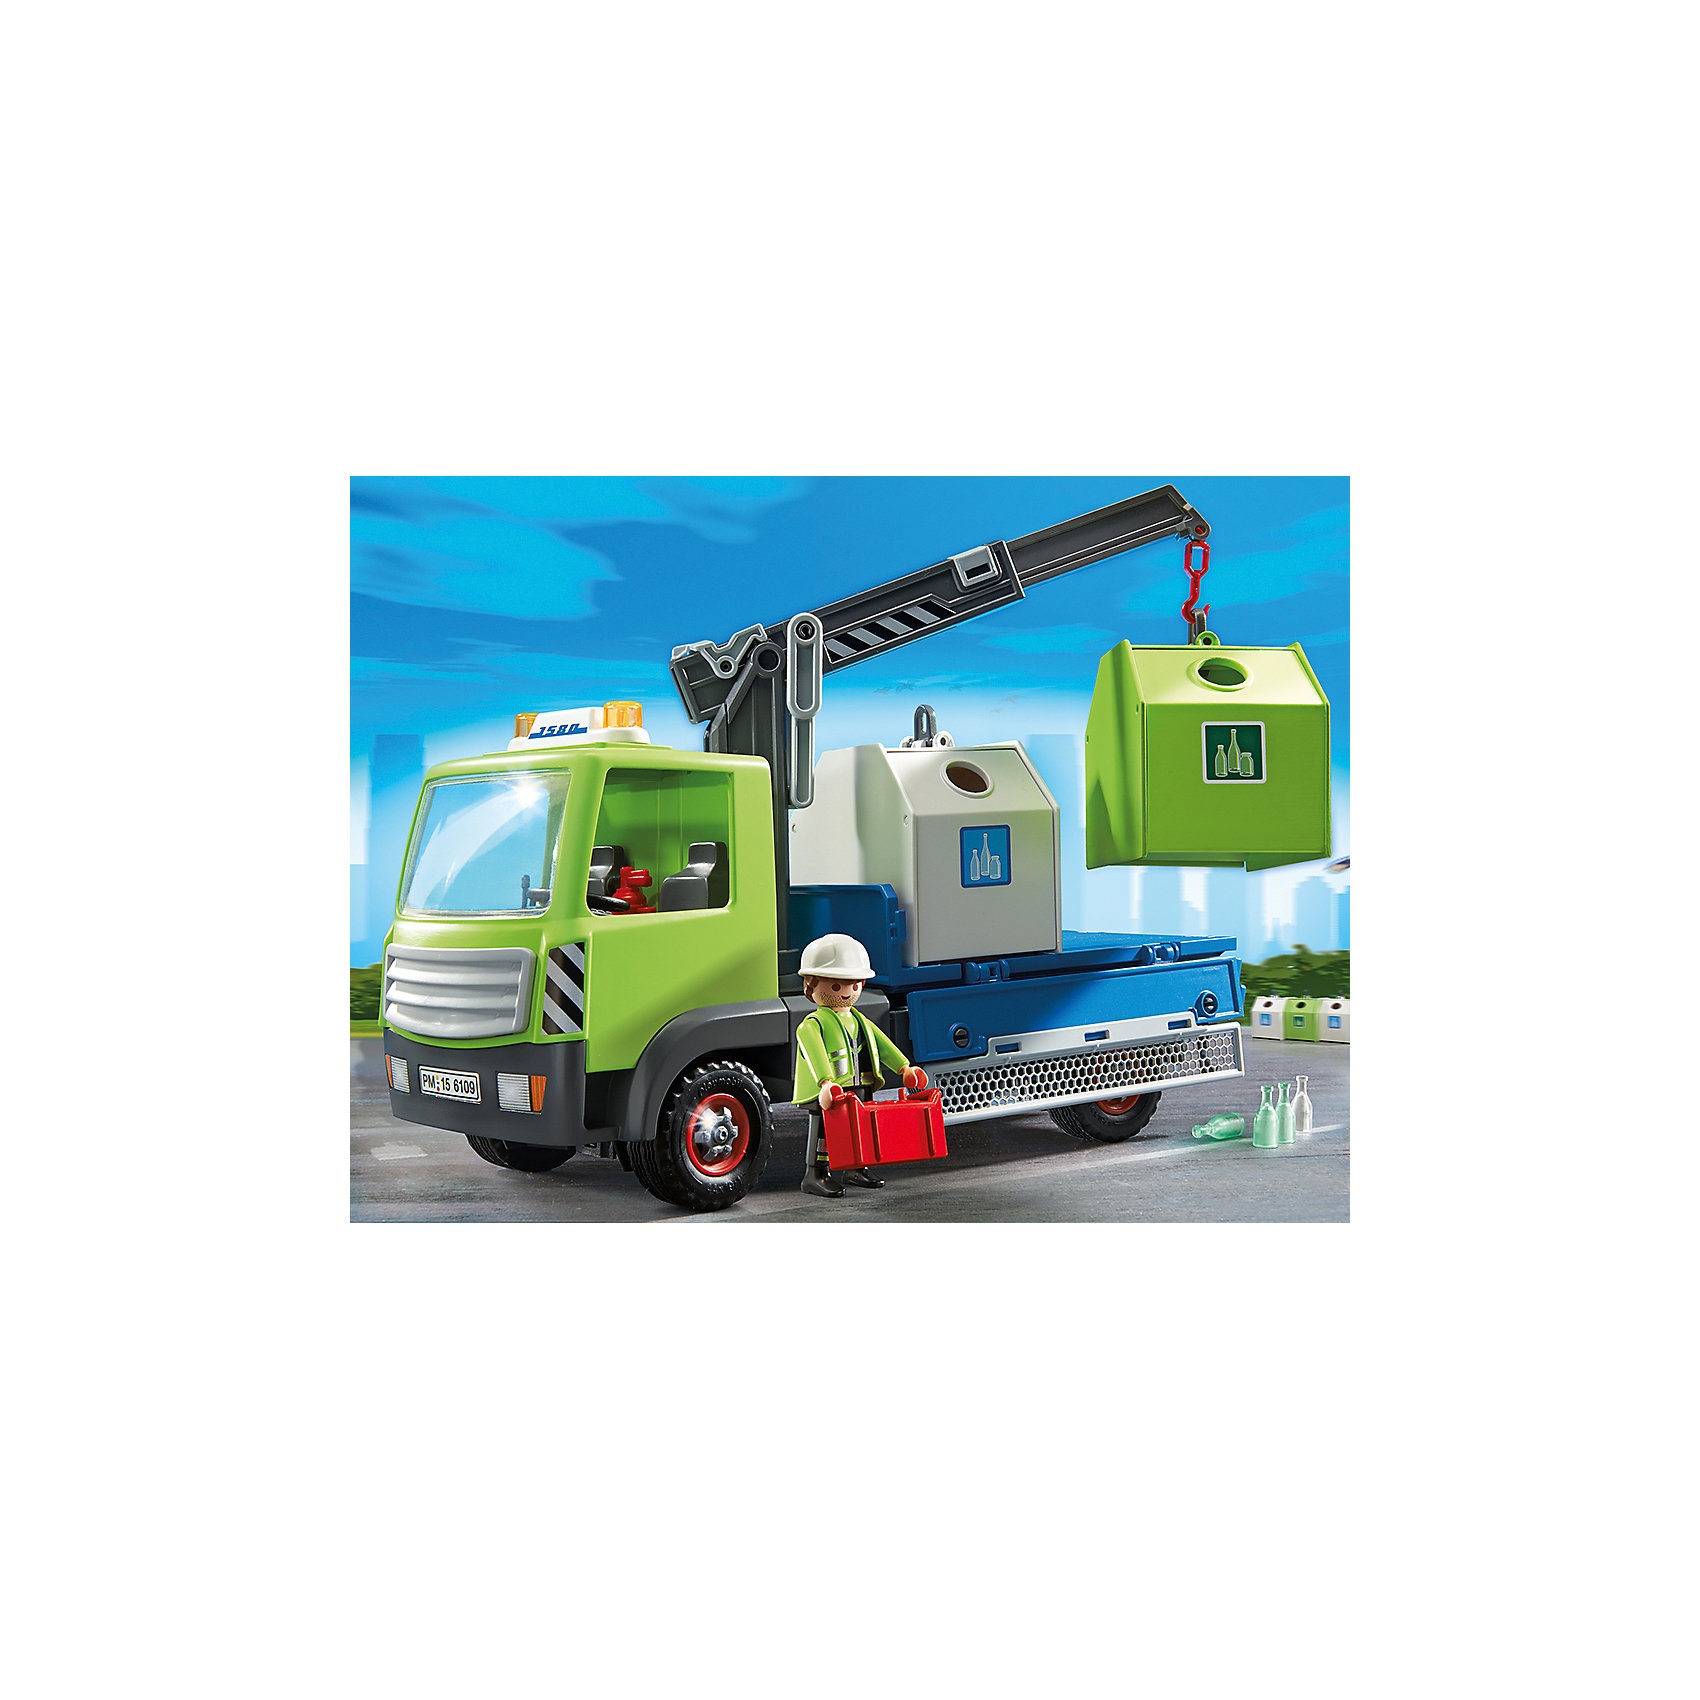 Грузовик для перевозки стеклянной тары, PLAYMOBILПластмассовые конструкторы<br>С помощью этого набора ребенок сможет собрать большой грузовик, который перевозит стеклянную тару. Стрела грузовика подвижная, к ней можно прицепить один из контейнеров. Также в наборе фигурка рабочего и аксессуары, которые сделают игру еще интереснее и реалистичнее. Фигурка имеет подвижные конечности, в руки можно вложить различные вещи. Все детали набора прекрасно проработаны, выполнены из высококачественного пластика. Играть с таким набором не только приятно и интересно - подобные виды игры развивают мелкую моторику, воображение, творческое мышление.<br><br>Дополнительная информация:<br><br>- Комплектация: 1 фигурка, машина, 2 контейнера, аксессуары.<br>- 1 фигурка в комплекте: рабочий.<br>- Материал: пластик.<br>- Размер упаковки: 36х25х13 см.<br>- Высота фигурки: 7,5 см. <br>- Голова, руки, ноги у фигурок подвижные.<br>- Колеса машины вращаются.<br>- Стрела подвижная. <br><br>Грузовик для перевозки стеклянной тары, PLAYMOBIL (Плеймобил), можно купить в нашем магазине.<br><br>Ширина мм: 350<br>Глубина мм: 251<br>Высота мм: 129<br>Вес г: 901<br>Возраст от месяцев: 48<br>Возраст до месяцев: 120<br>Пол: Мужской<br>Возраст: Детский<br>SKU: 3786346